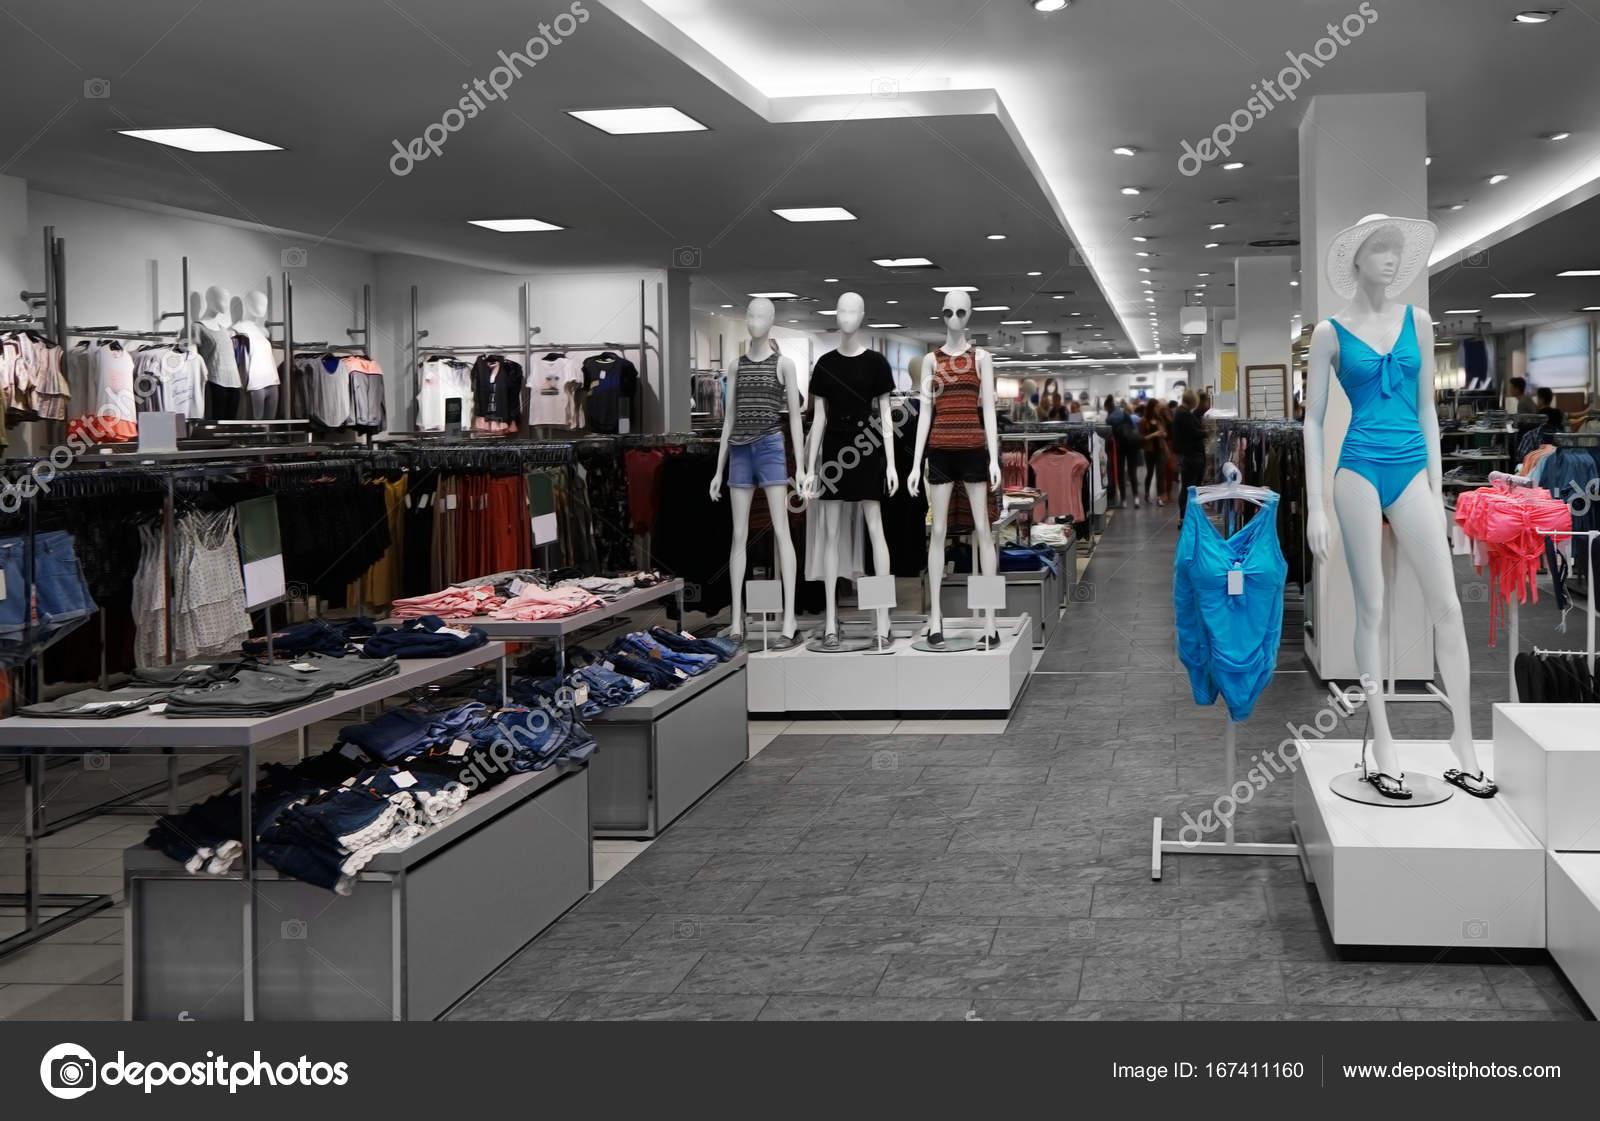 afe50635 Luksusowym sklepie z Odzież damska — Zdjęcie stockowe © belchonock ...